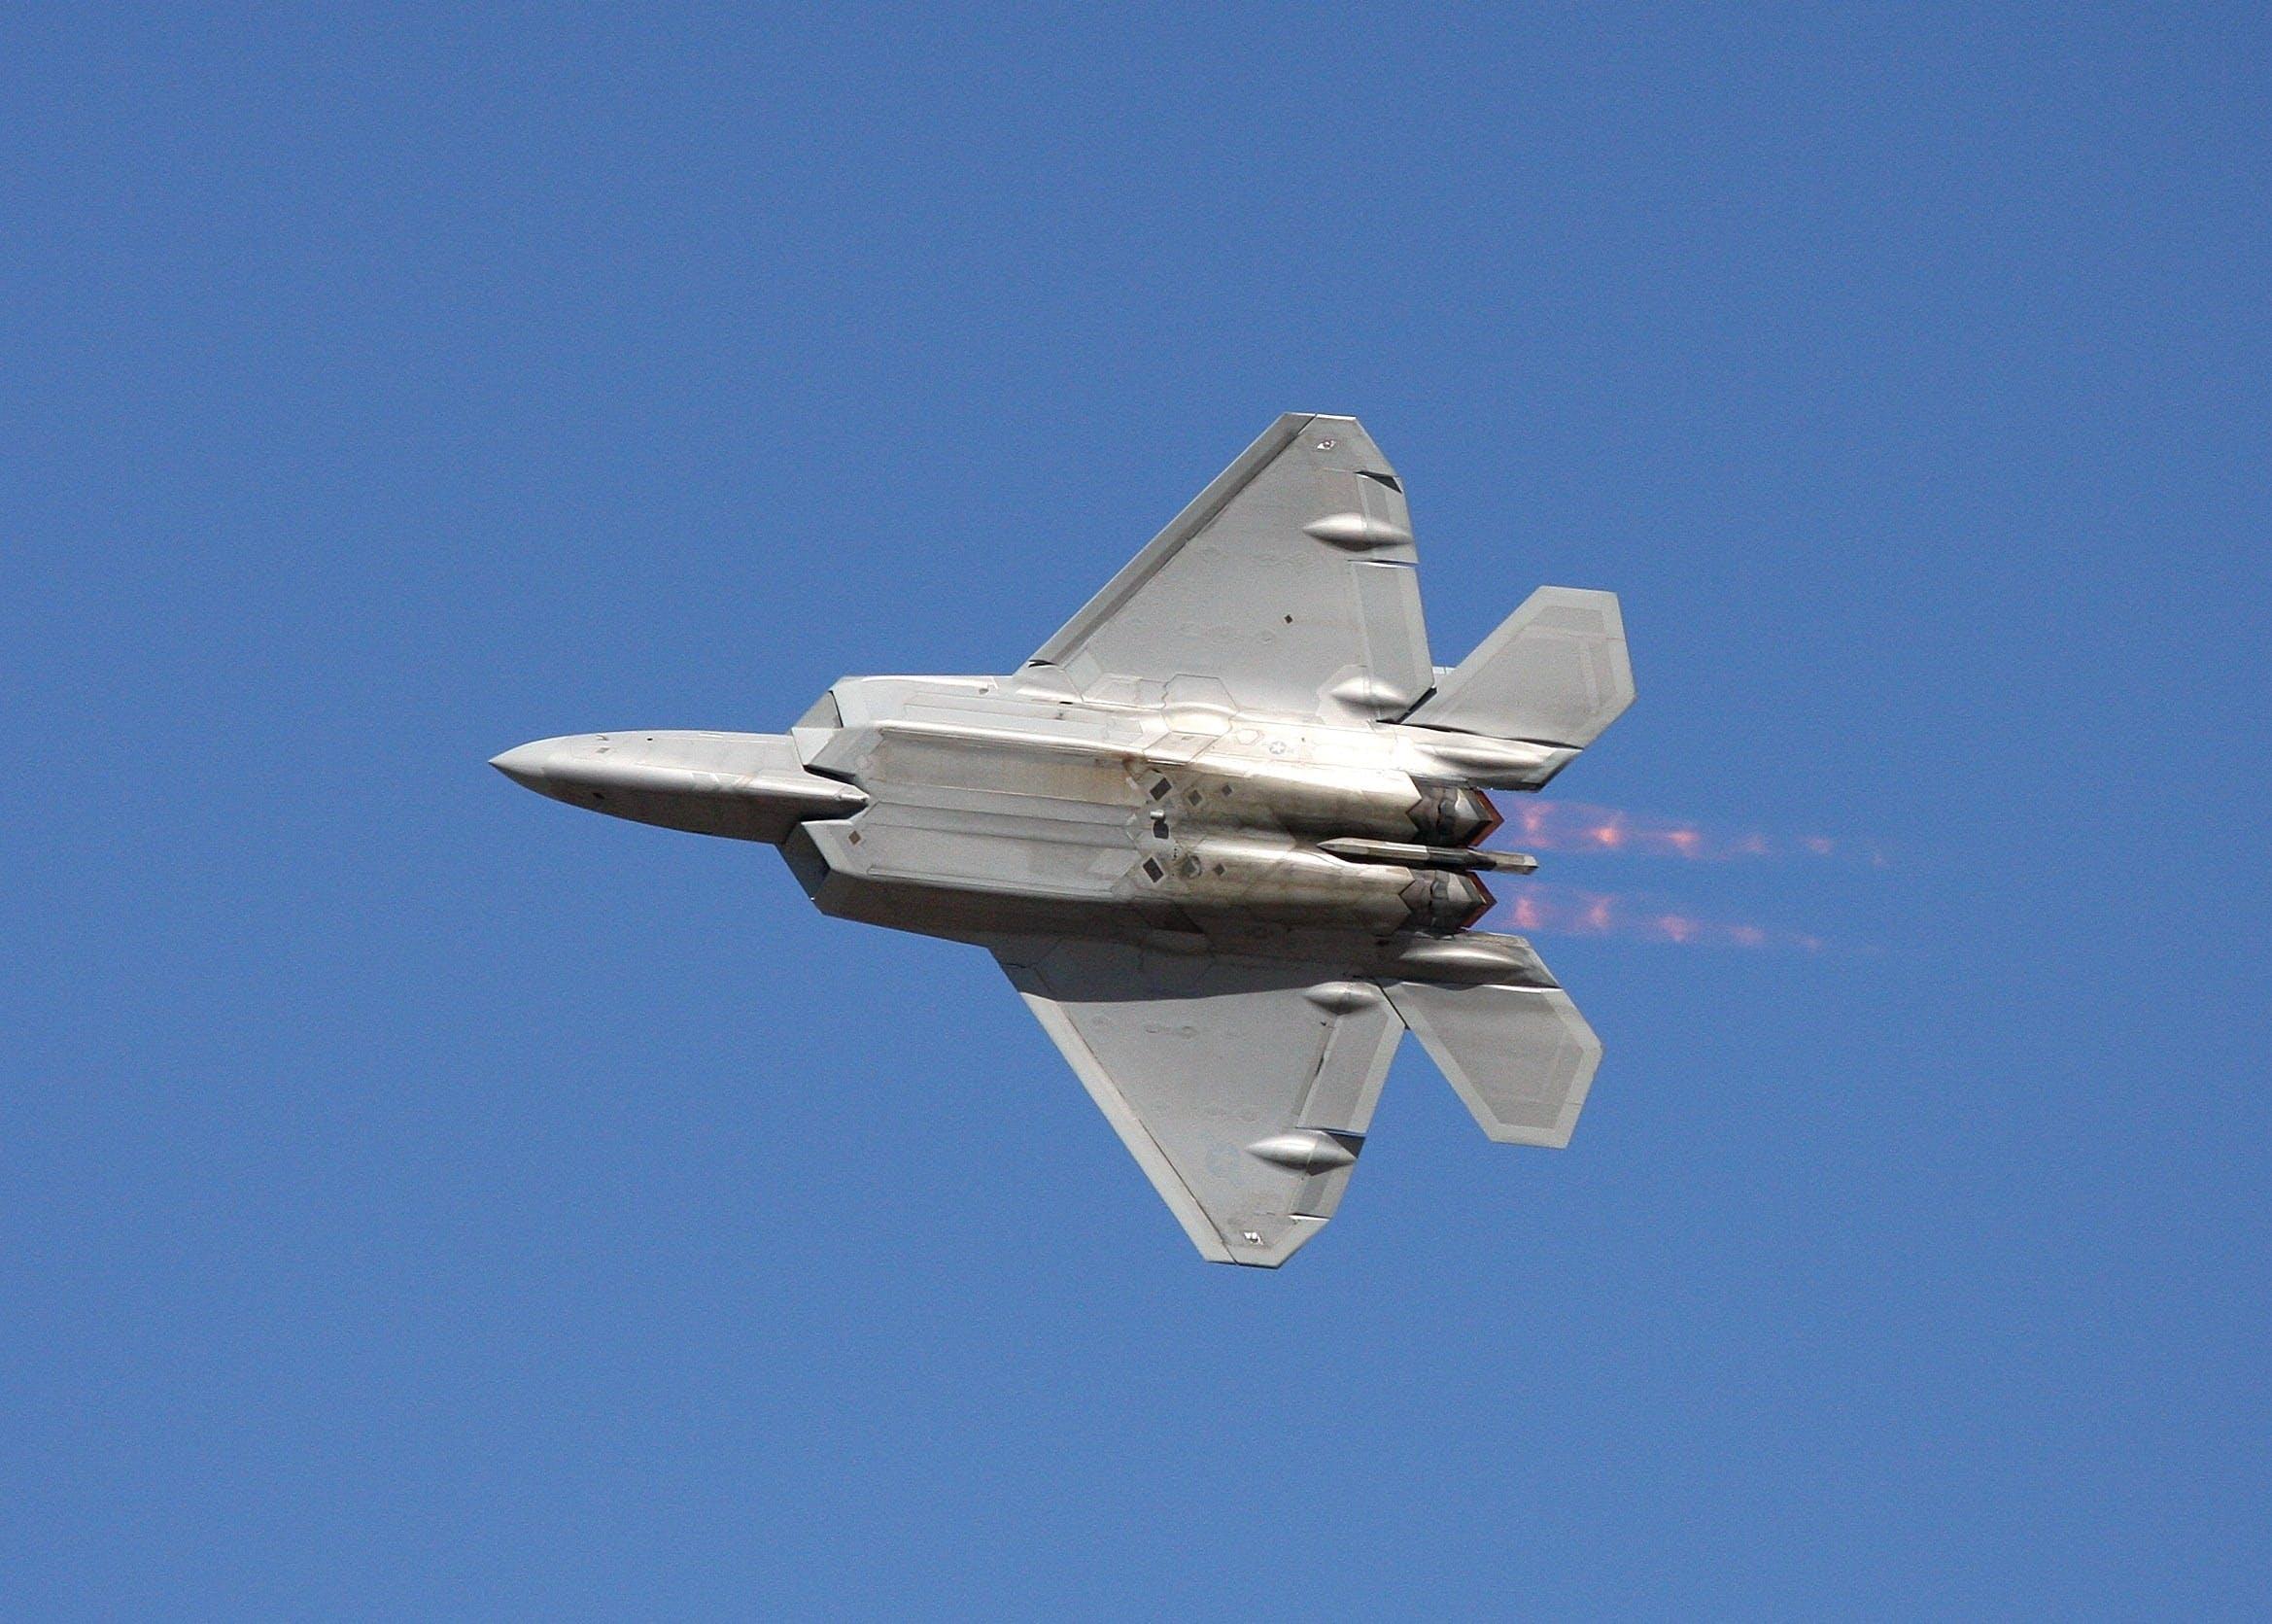 Kostenloses Stock Foto zu fliegen, flug, geschwindigkeit, himmel